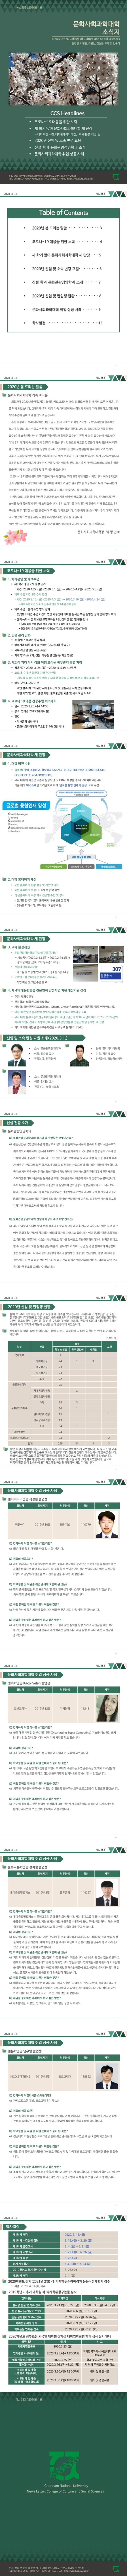 [소식지 제253호]2020년 문화사회과학대학 2020년 1호(2020년 3월 31일자)